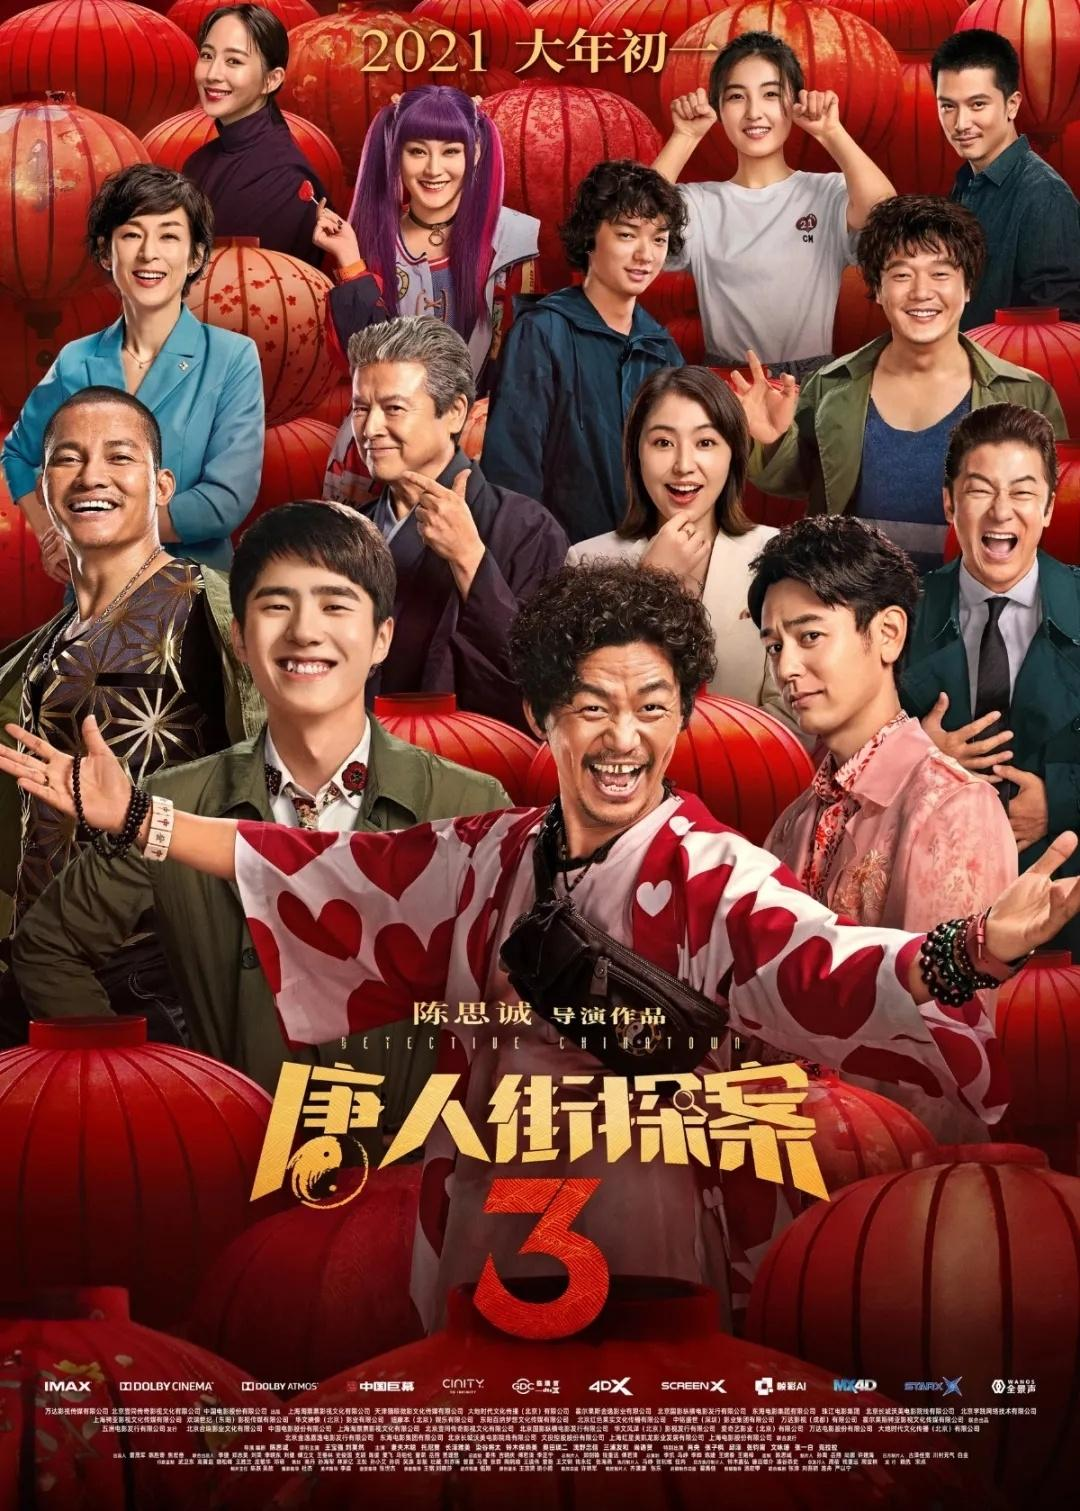 2021年春节贺岁档电影,老司机最期待哪一部呢?